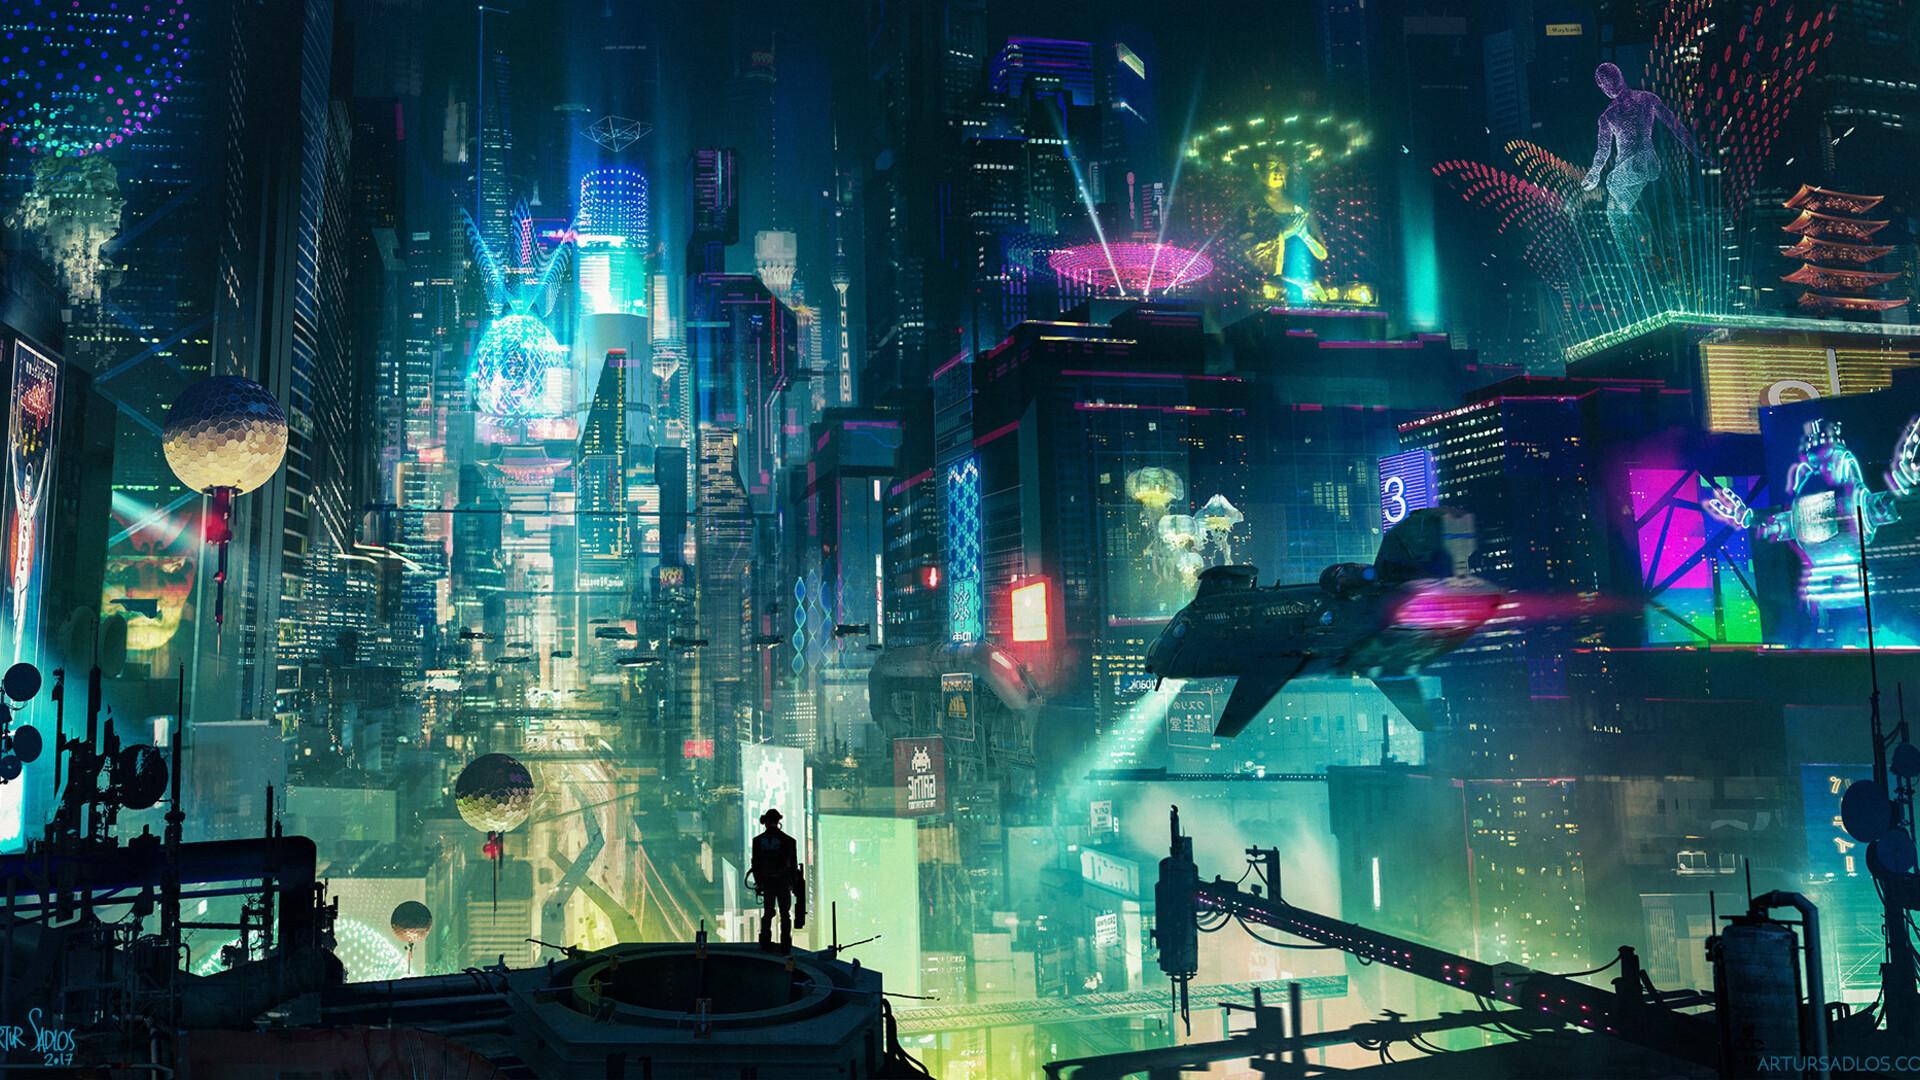 cyberpunk-city-rt.jpg